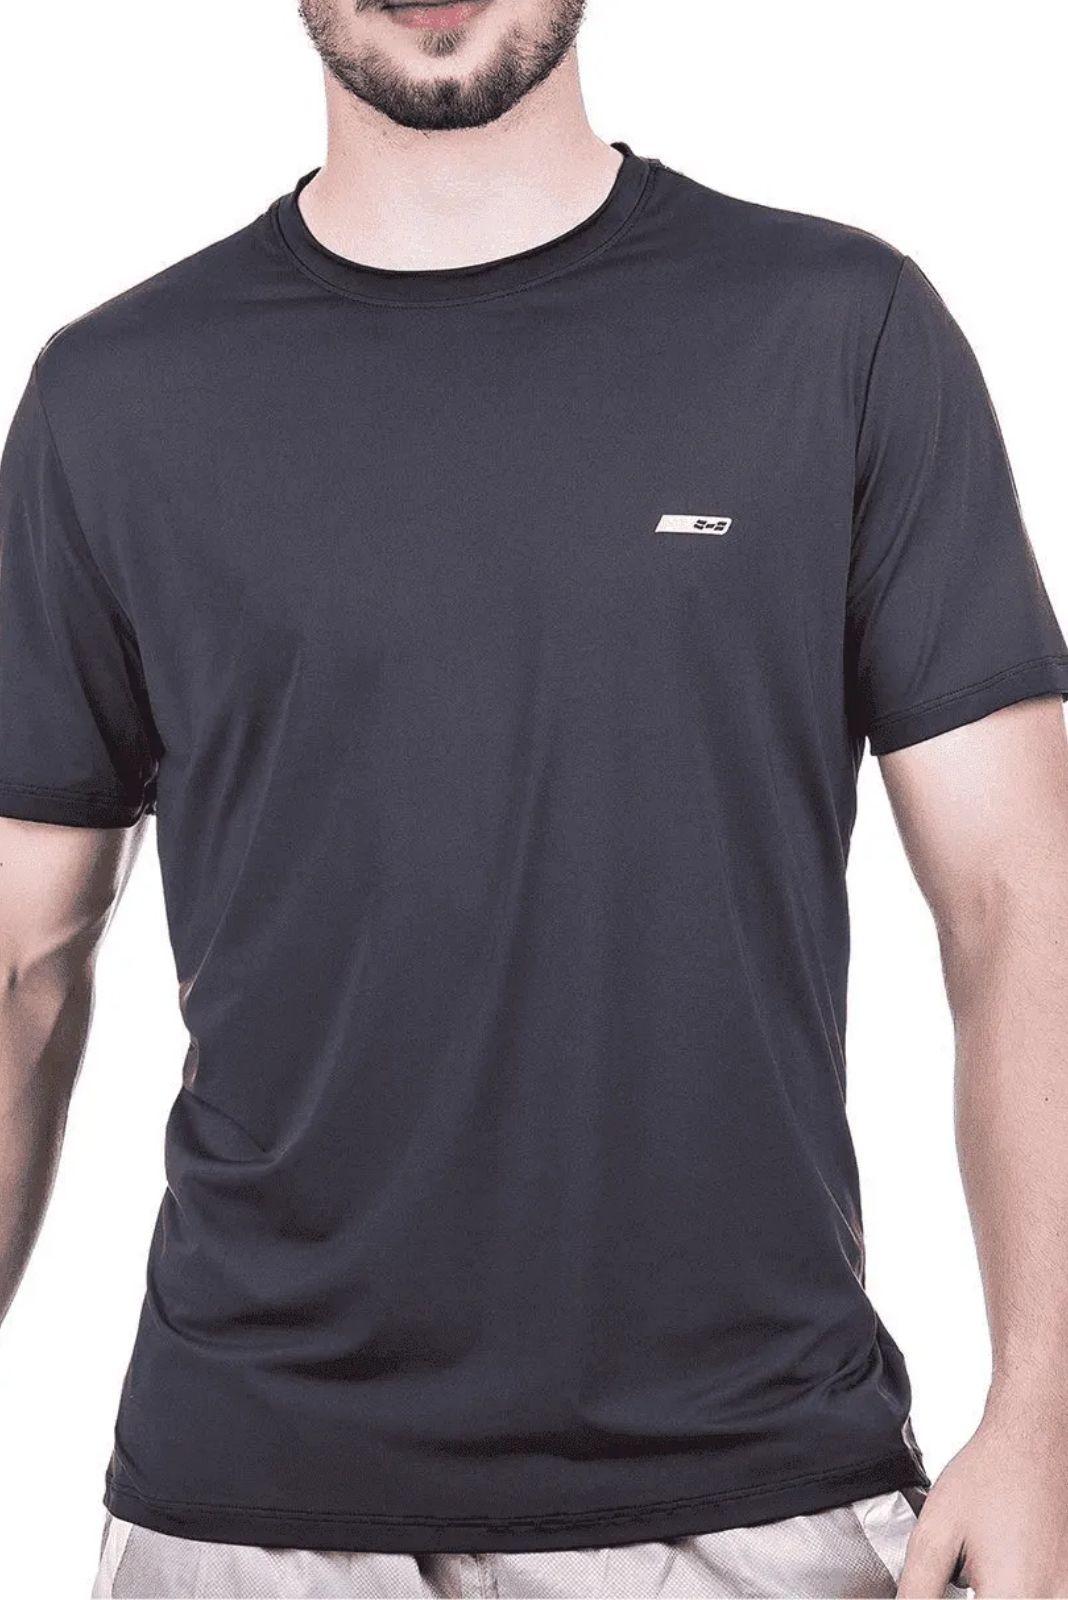 Camiseta Masculina Hifen com Proteção Solar UV 50+ - Manga Curta - Linha Dry Fit